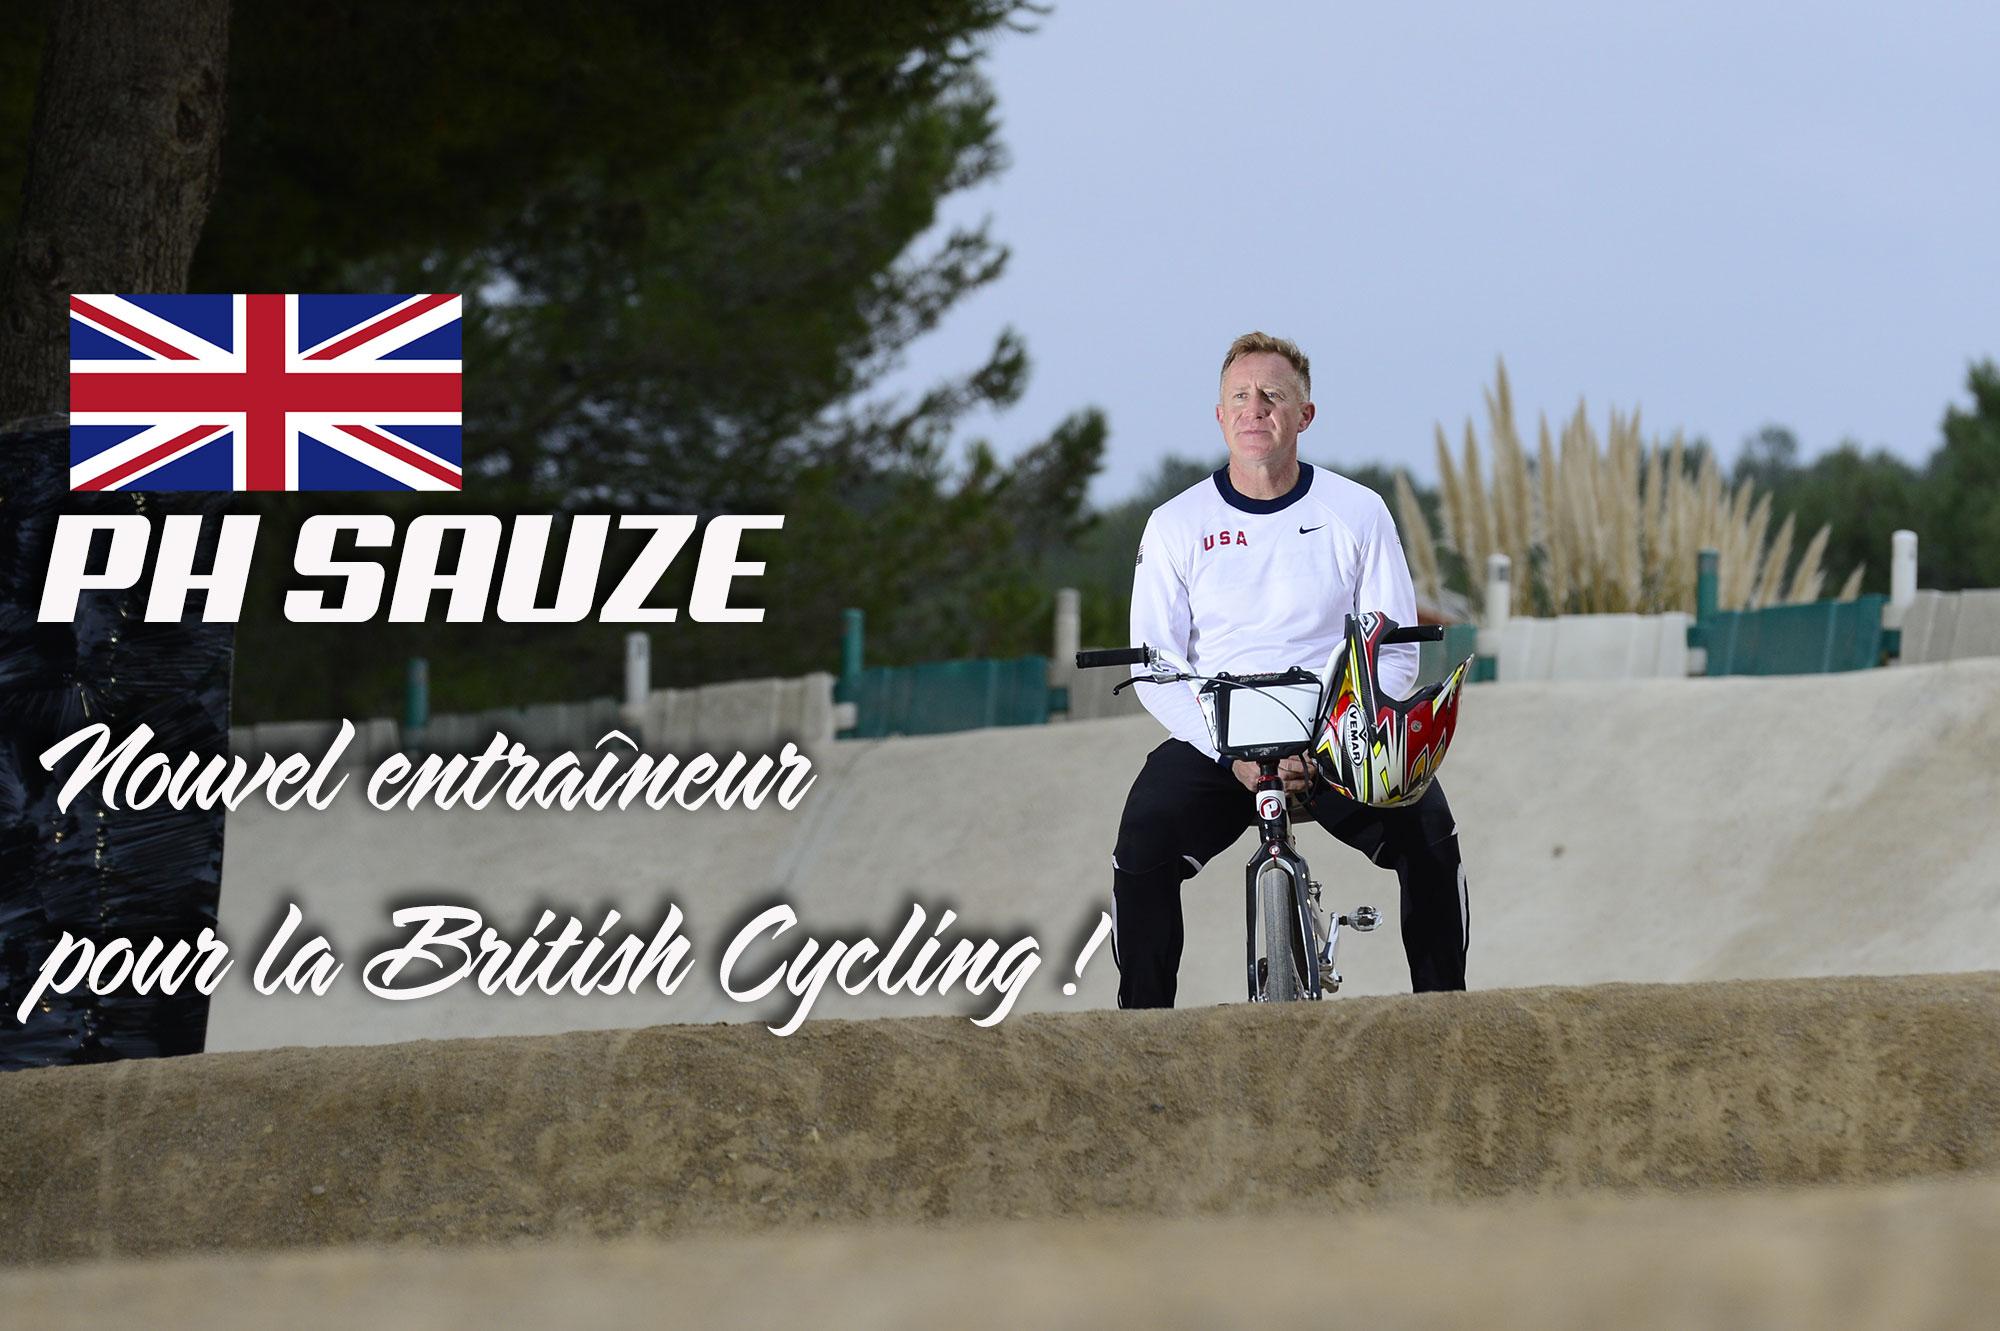 Pierre-Henri Sauze nouvel entraîneur British Cycling !